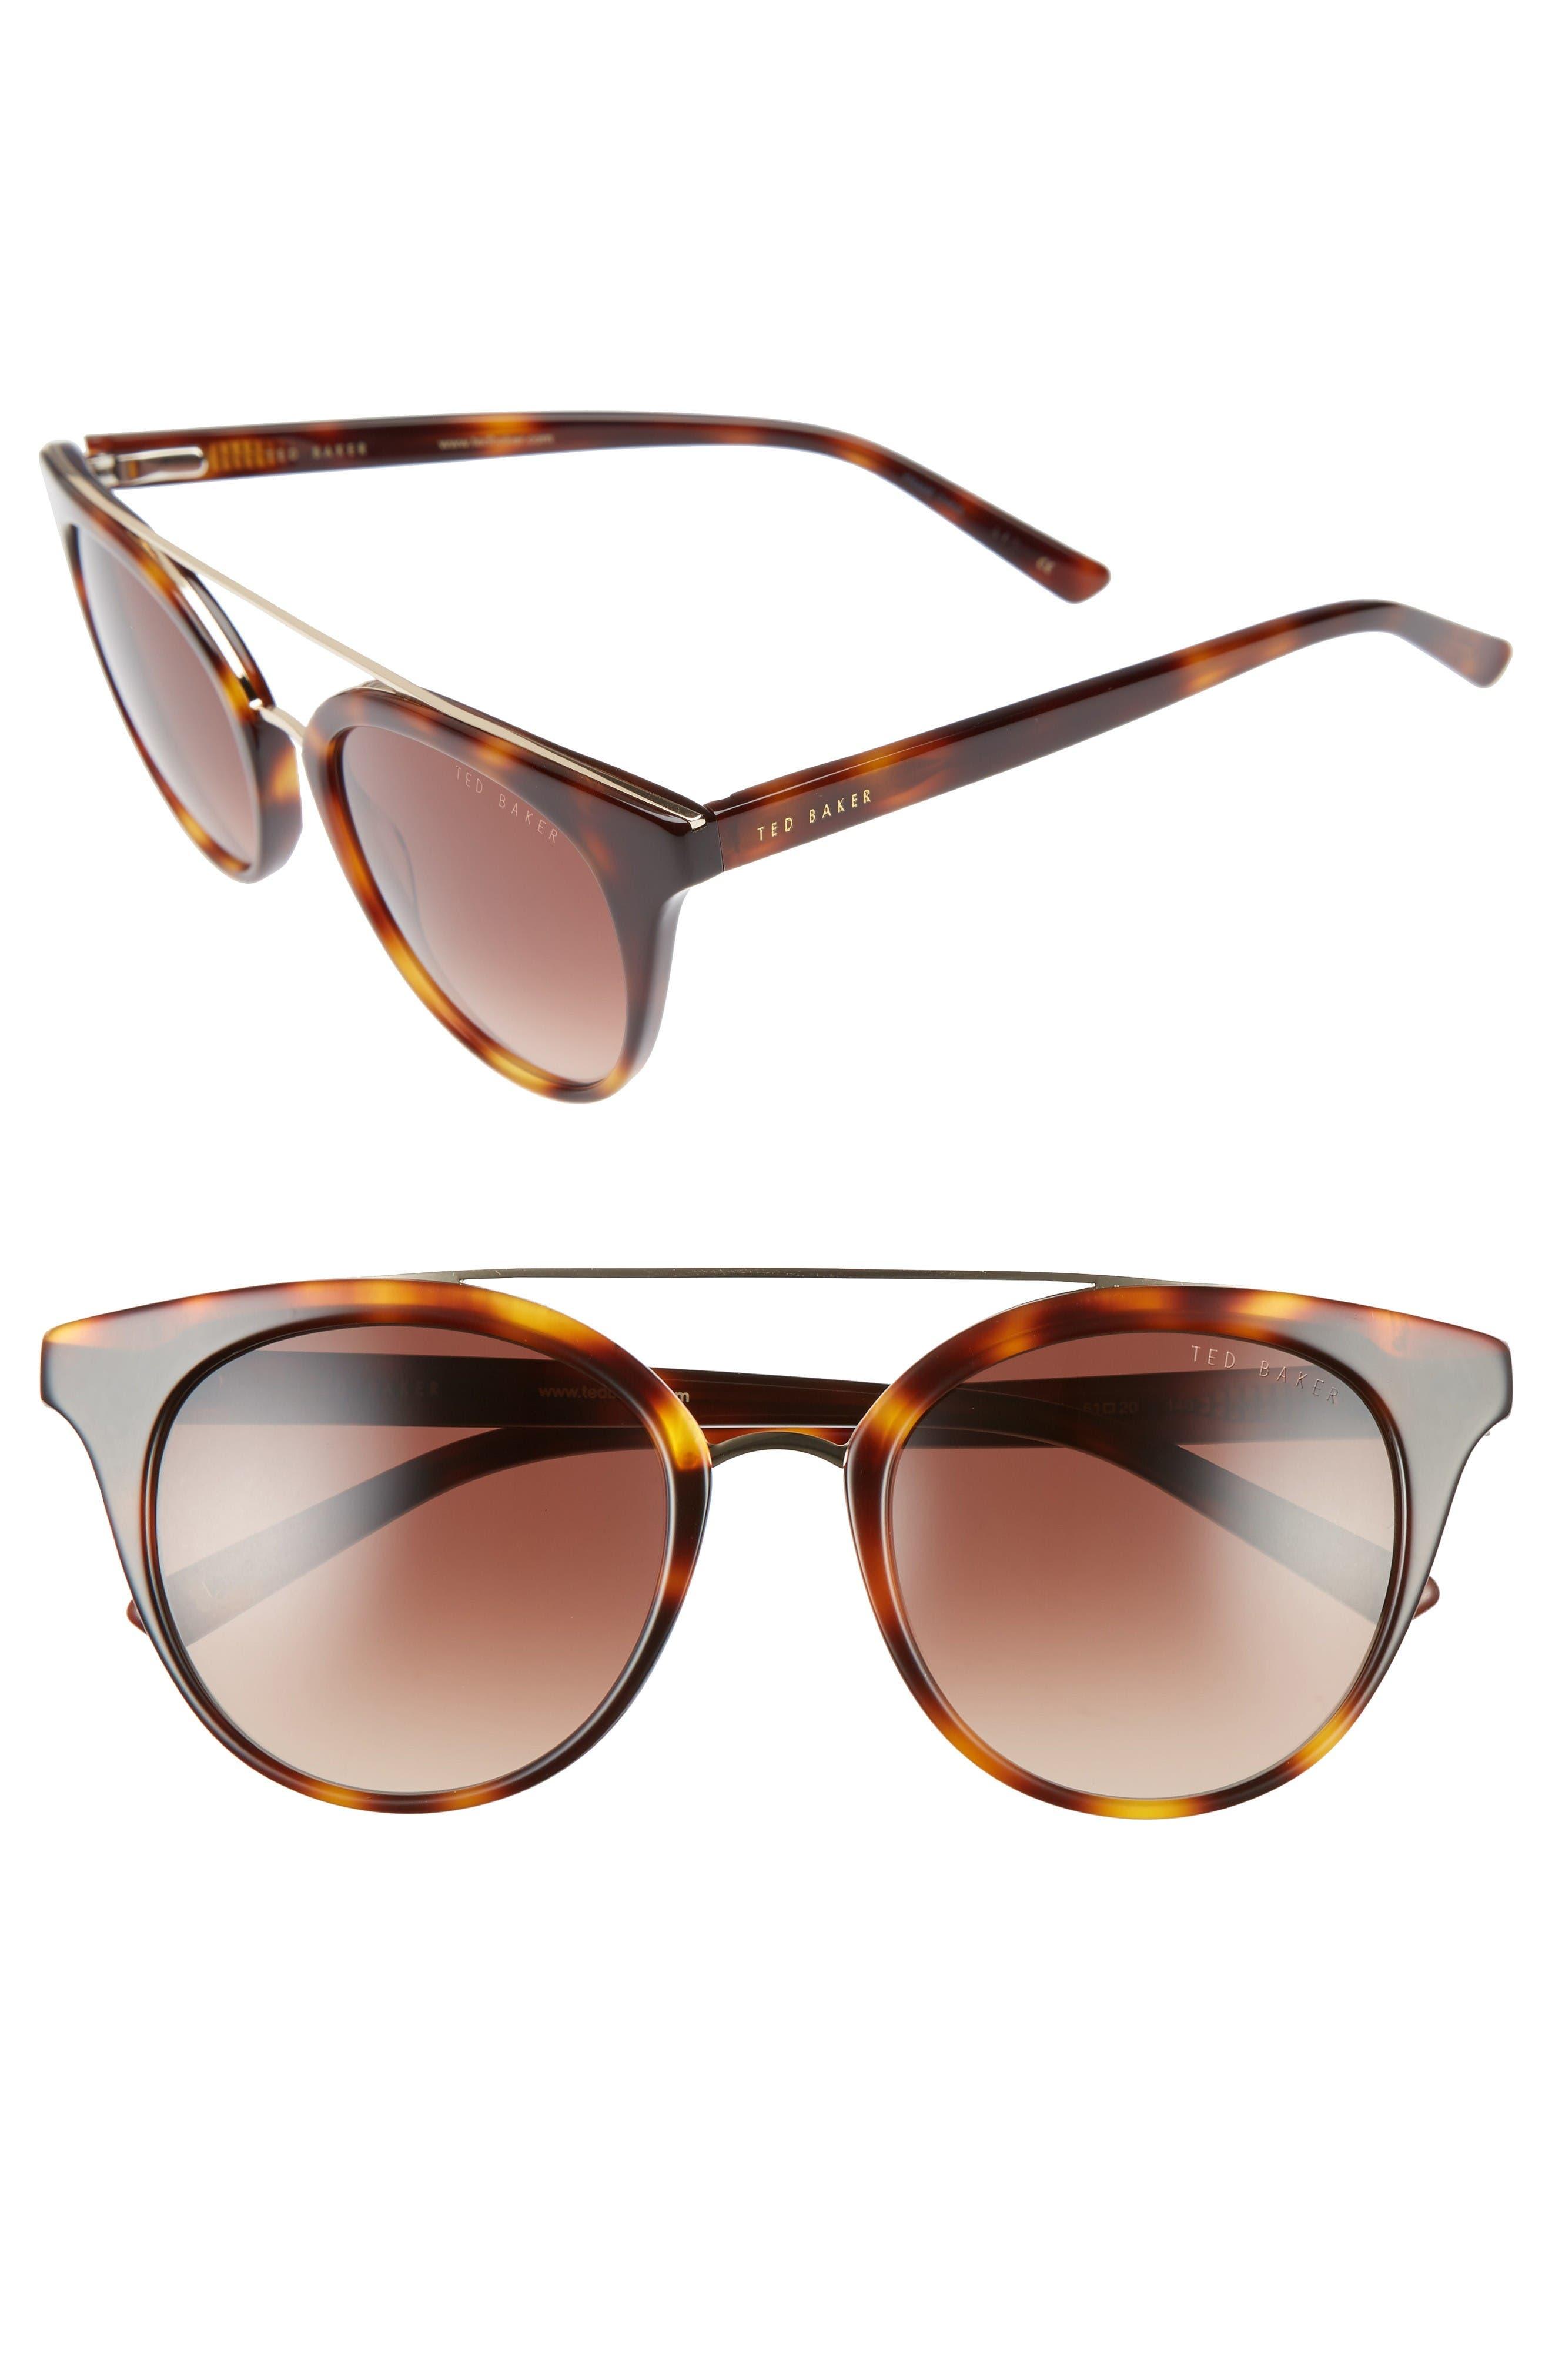 51mm Gradient Lens Round Retro Sunglasses,                         Main,                         color, Tortoise